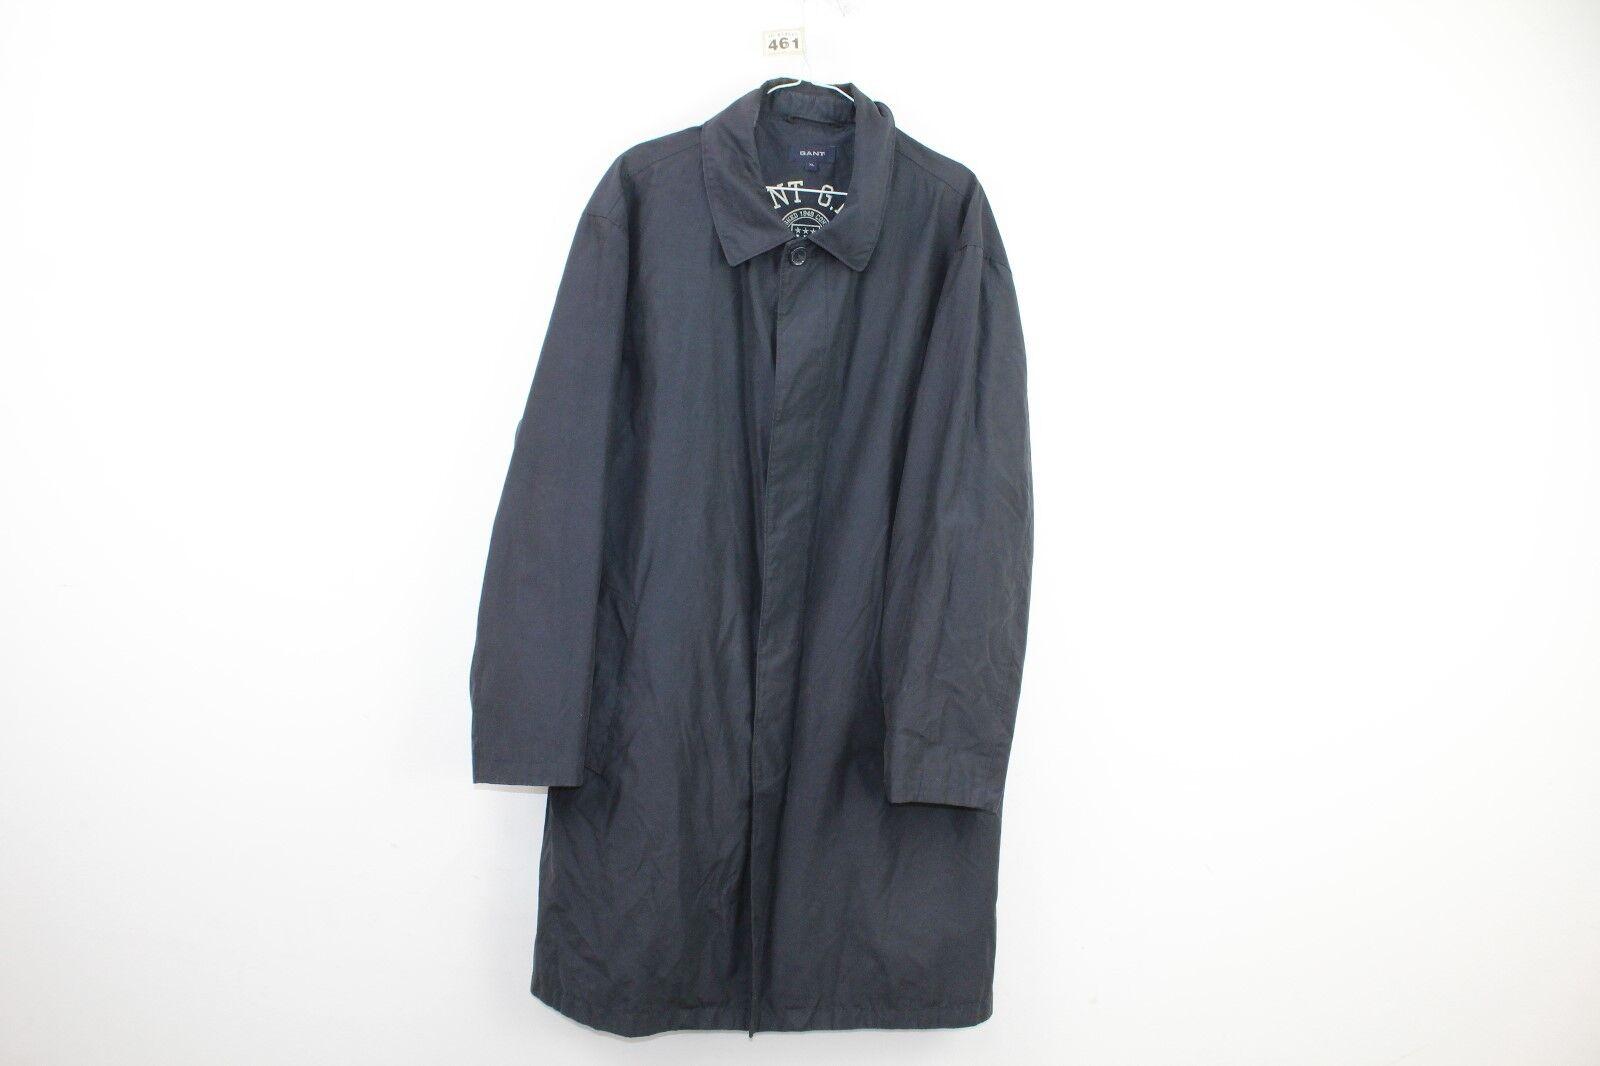 Bleu Gant 15 Taille Manteau s461 Xl 2 No Homme wE7Hq7